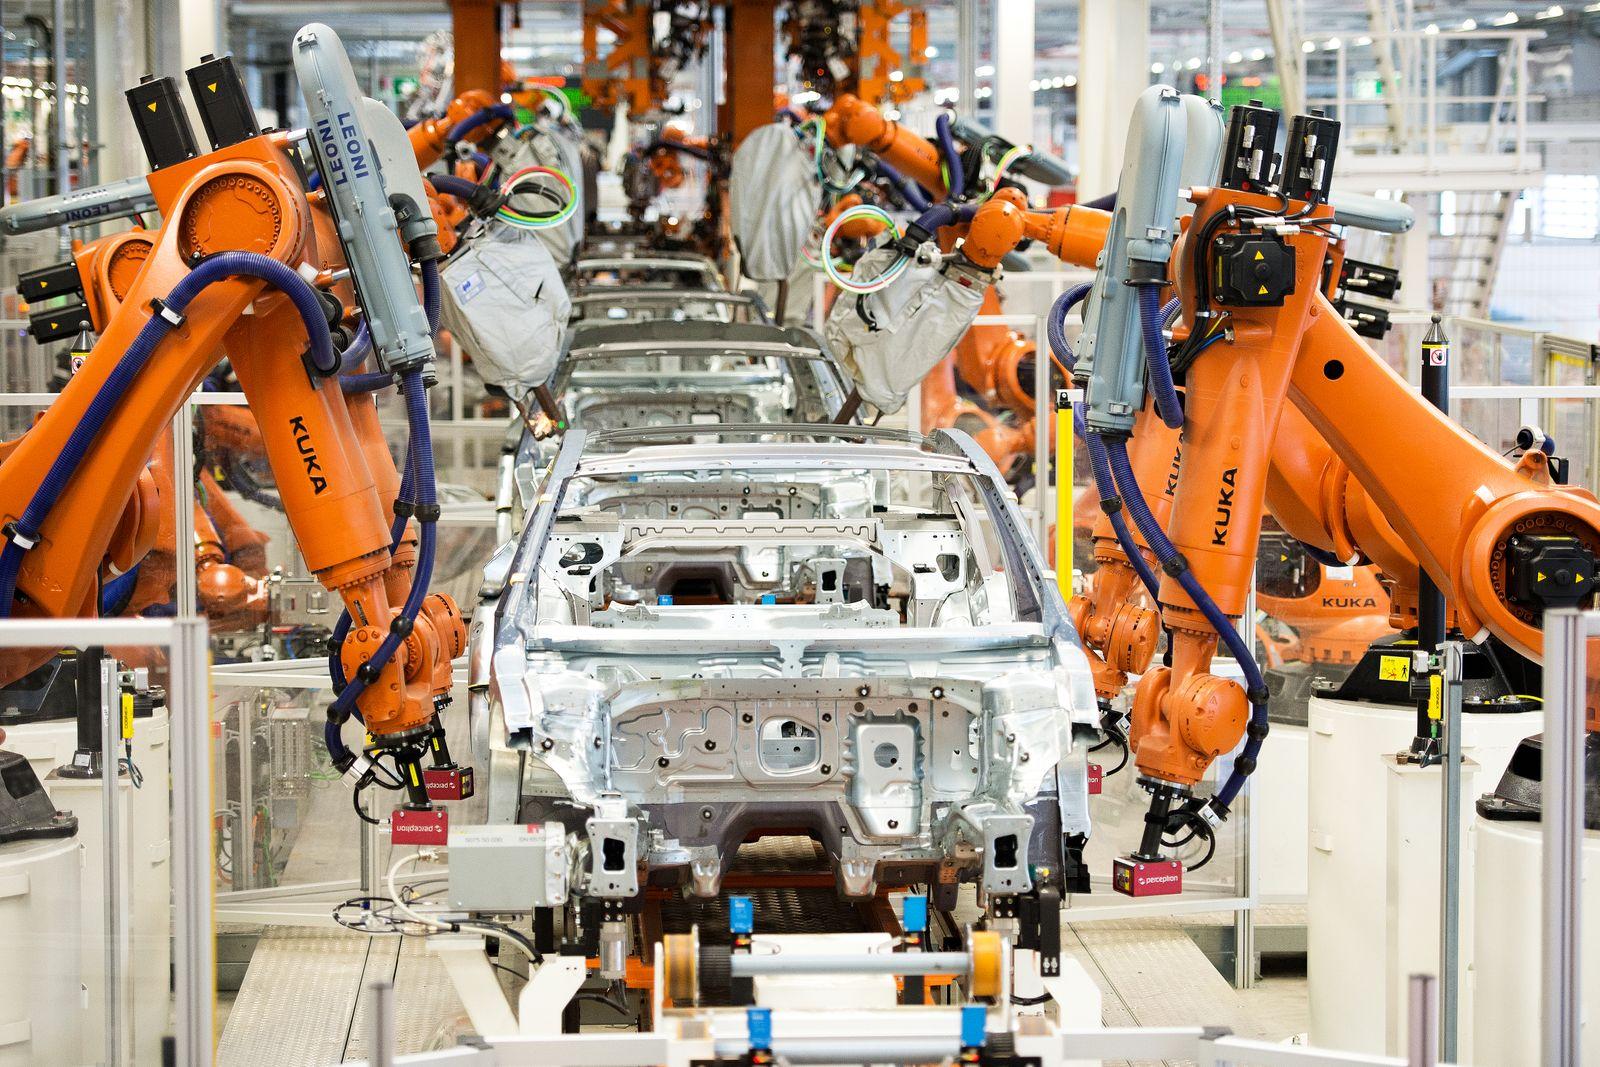 Produktion VW Passat im Werk Emden / Automatisierung Arbeitsplätze